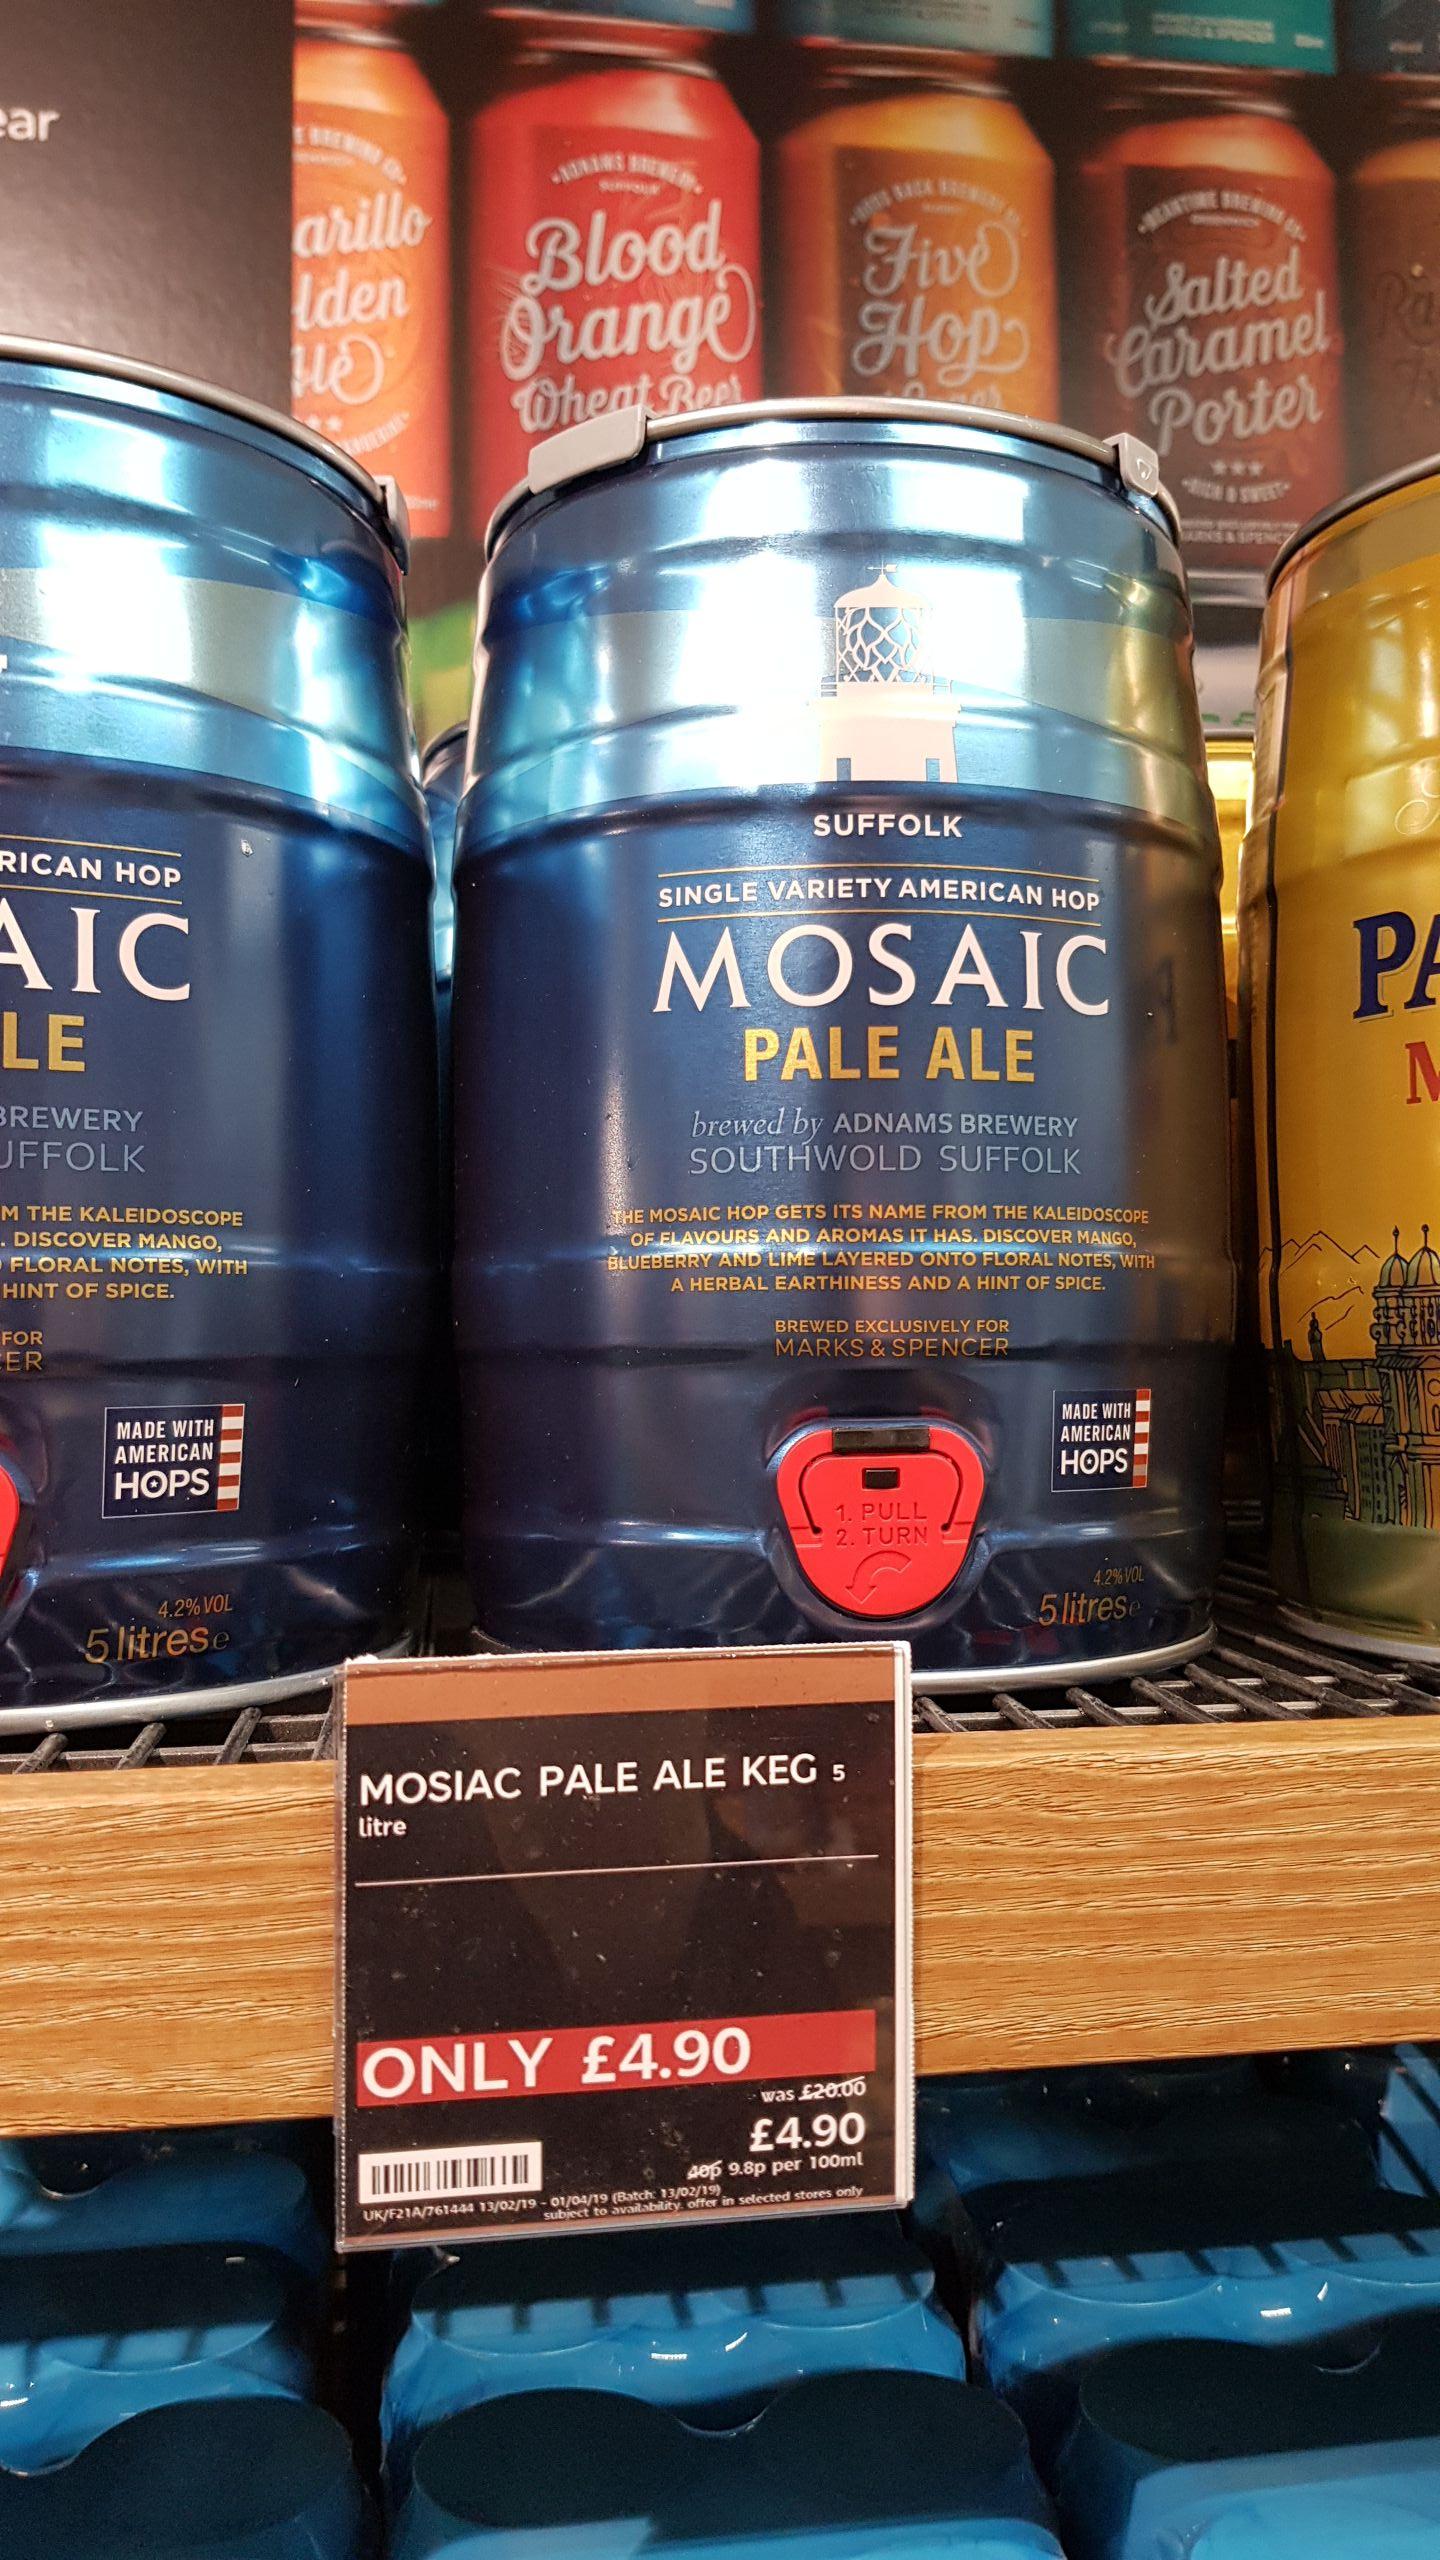 5L (nearly 9 pints) Mosaic Pale Ale Keg £4.90 instore @ M&S Merryhill